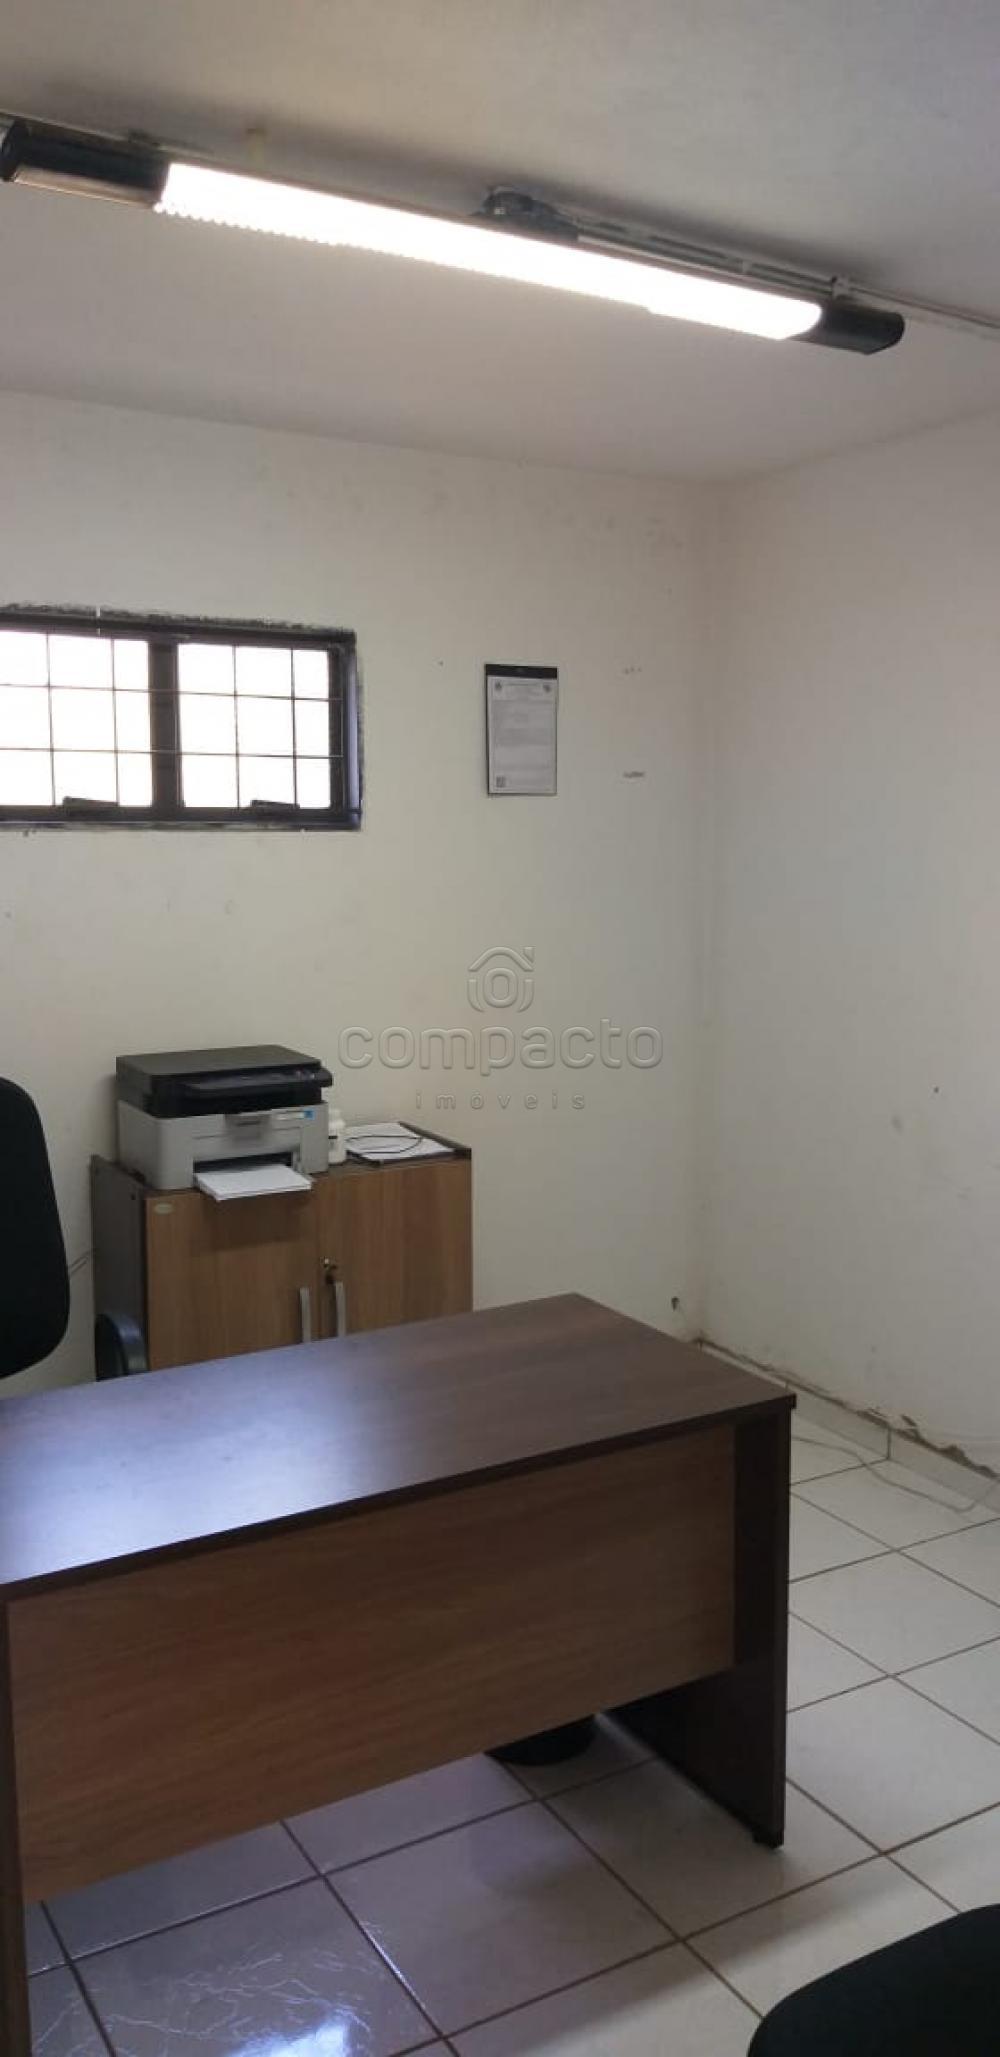 Alugar Comercial / Barracão em São José do Rio Preto apenas R$ 2.300,00 - Foto 7